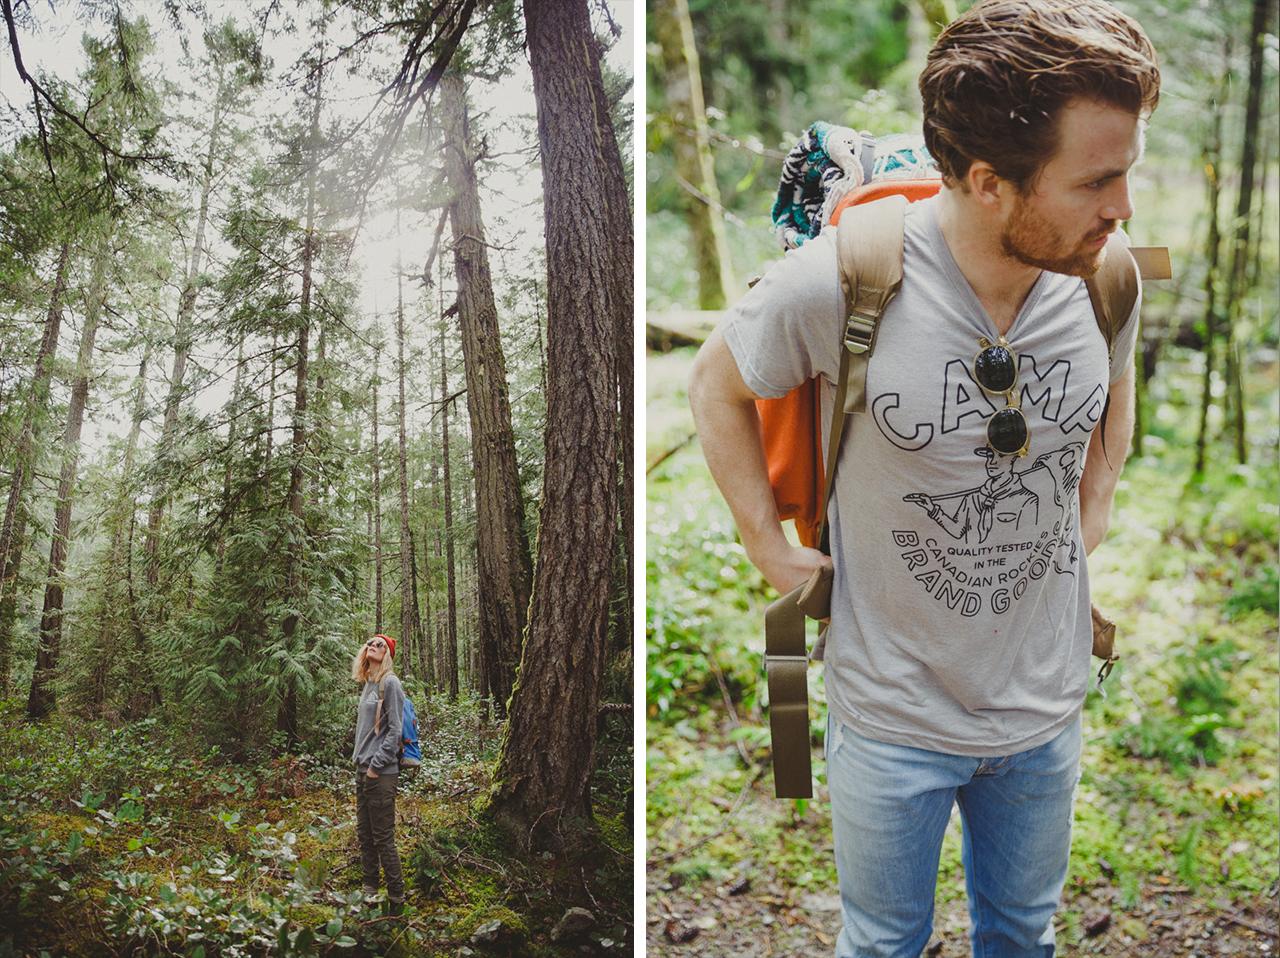 v-campbrandgoods-lifestyle-photographer-mikeseehagel-03